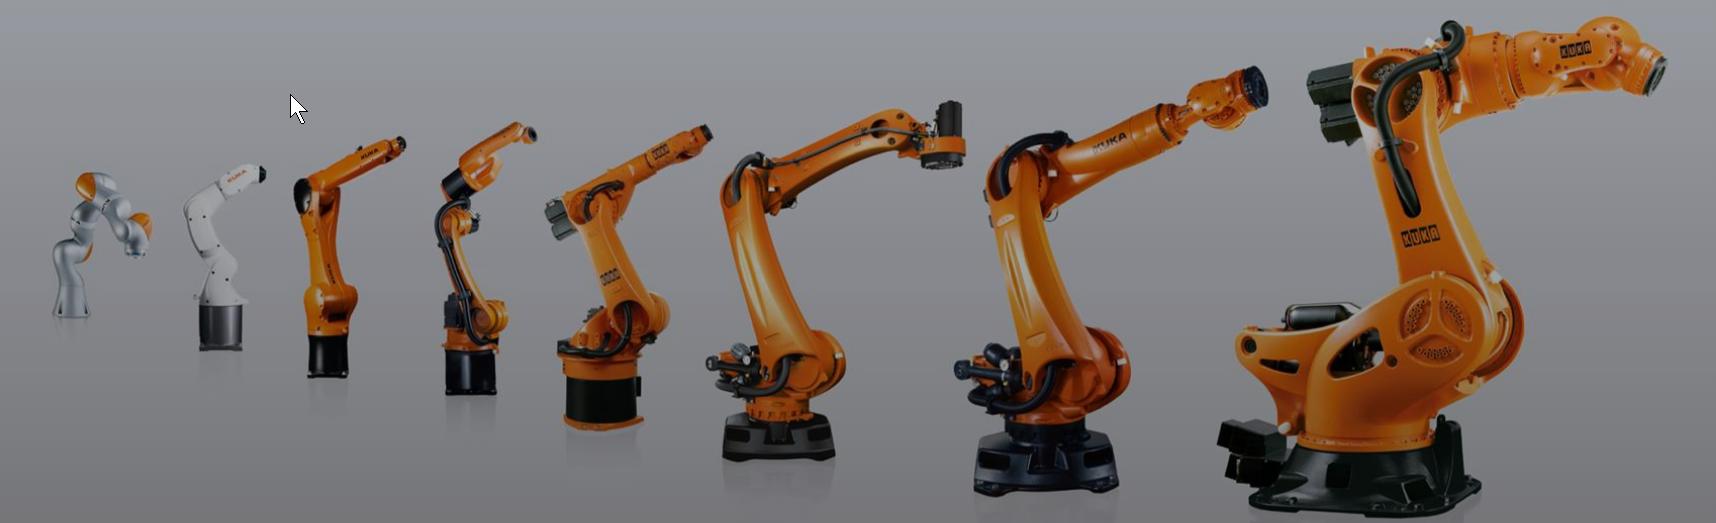 kuka_robots